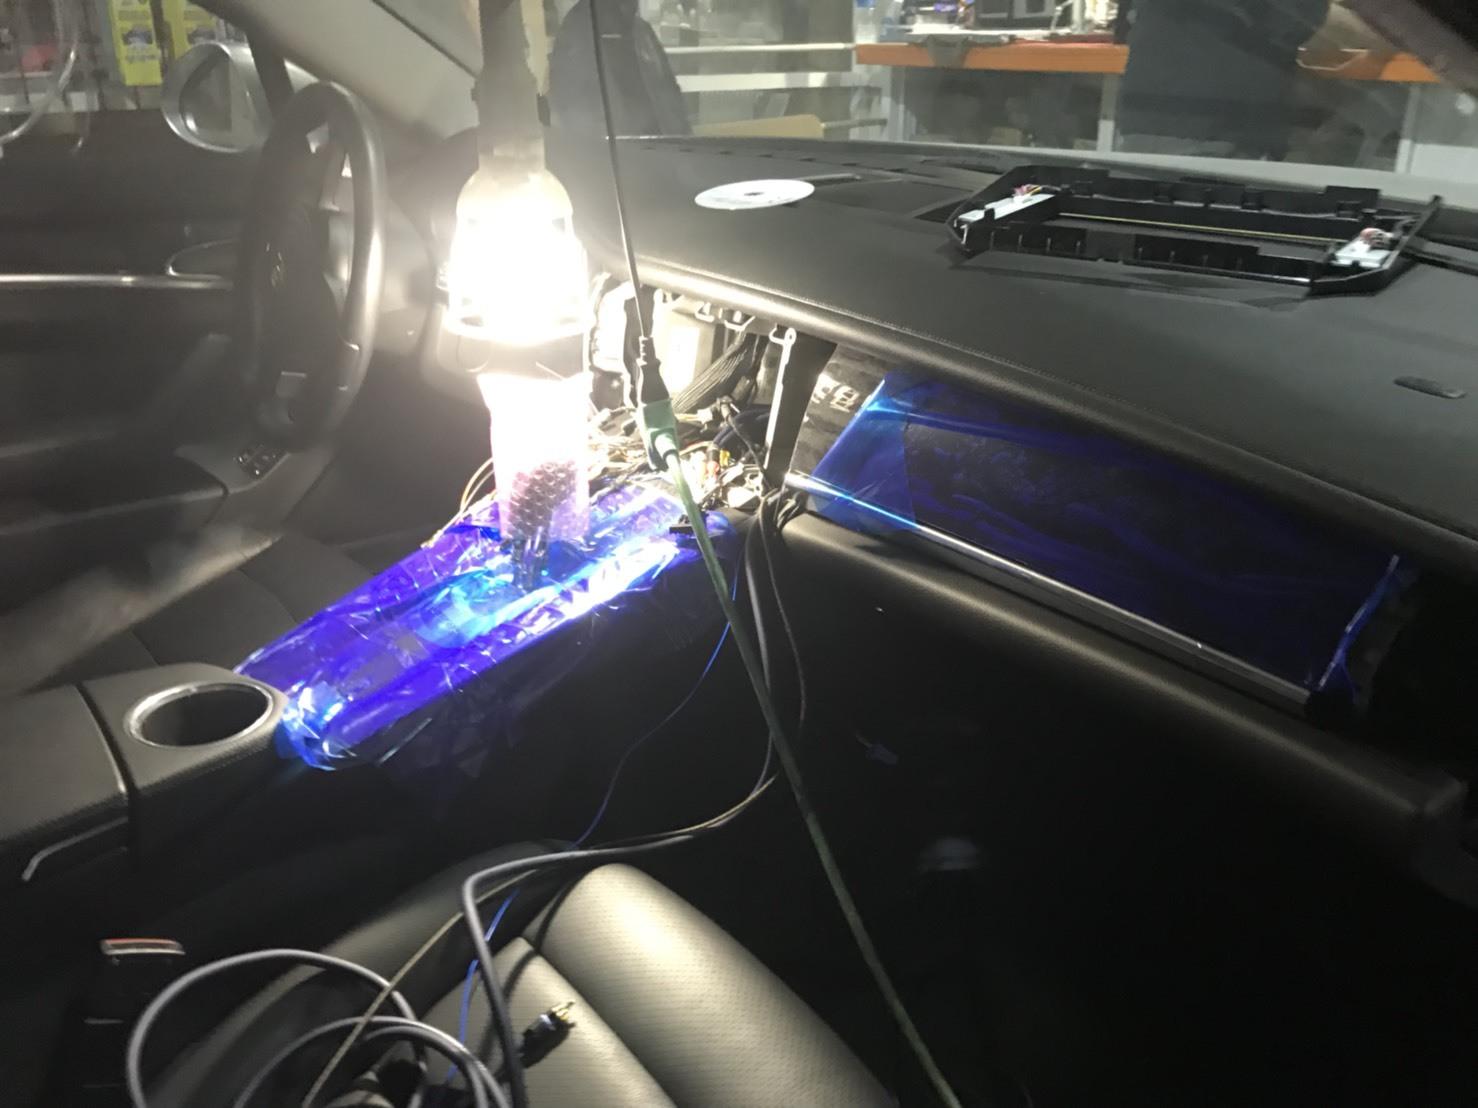 2月26日(月)トミーベース カスタムブログ☆新型QX802台入庫確定☆LS460後期AWD LS600hLエグゼクティブPKGもご紹介していきます☆_b0127002_11462893.jpg